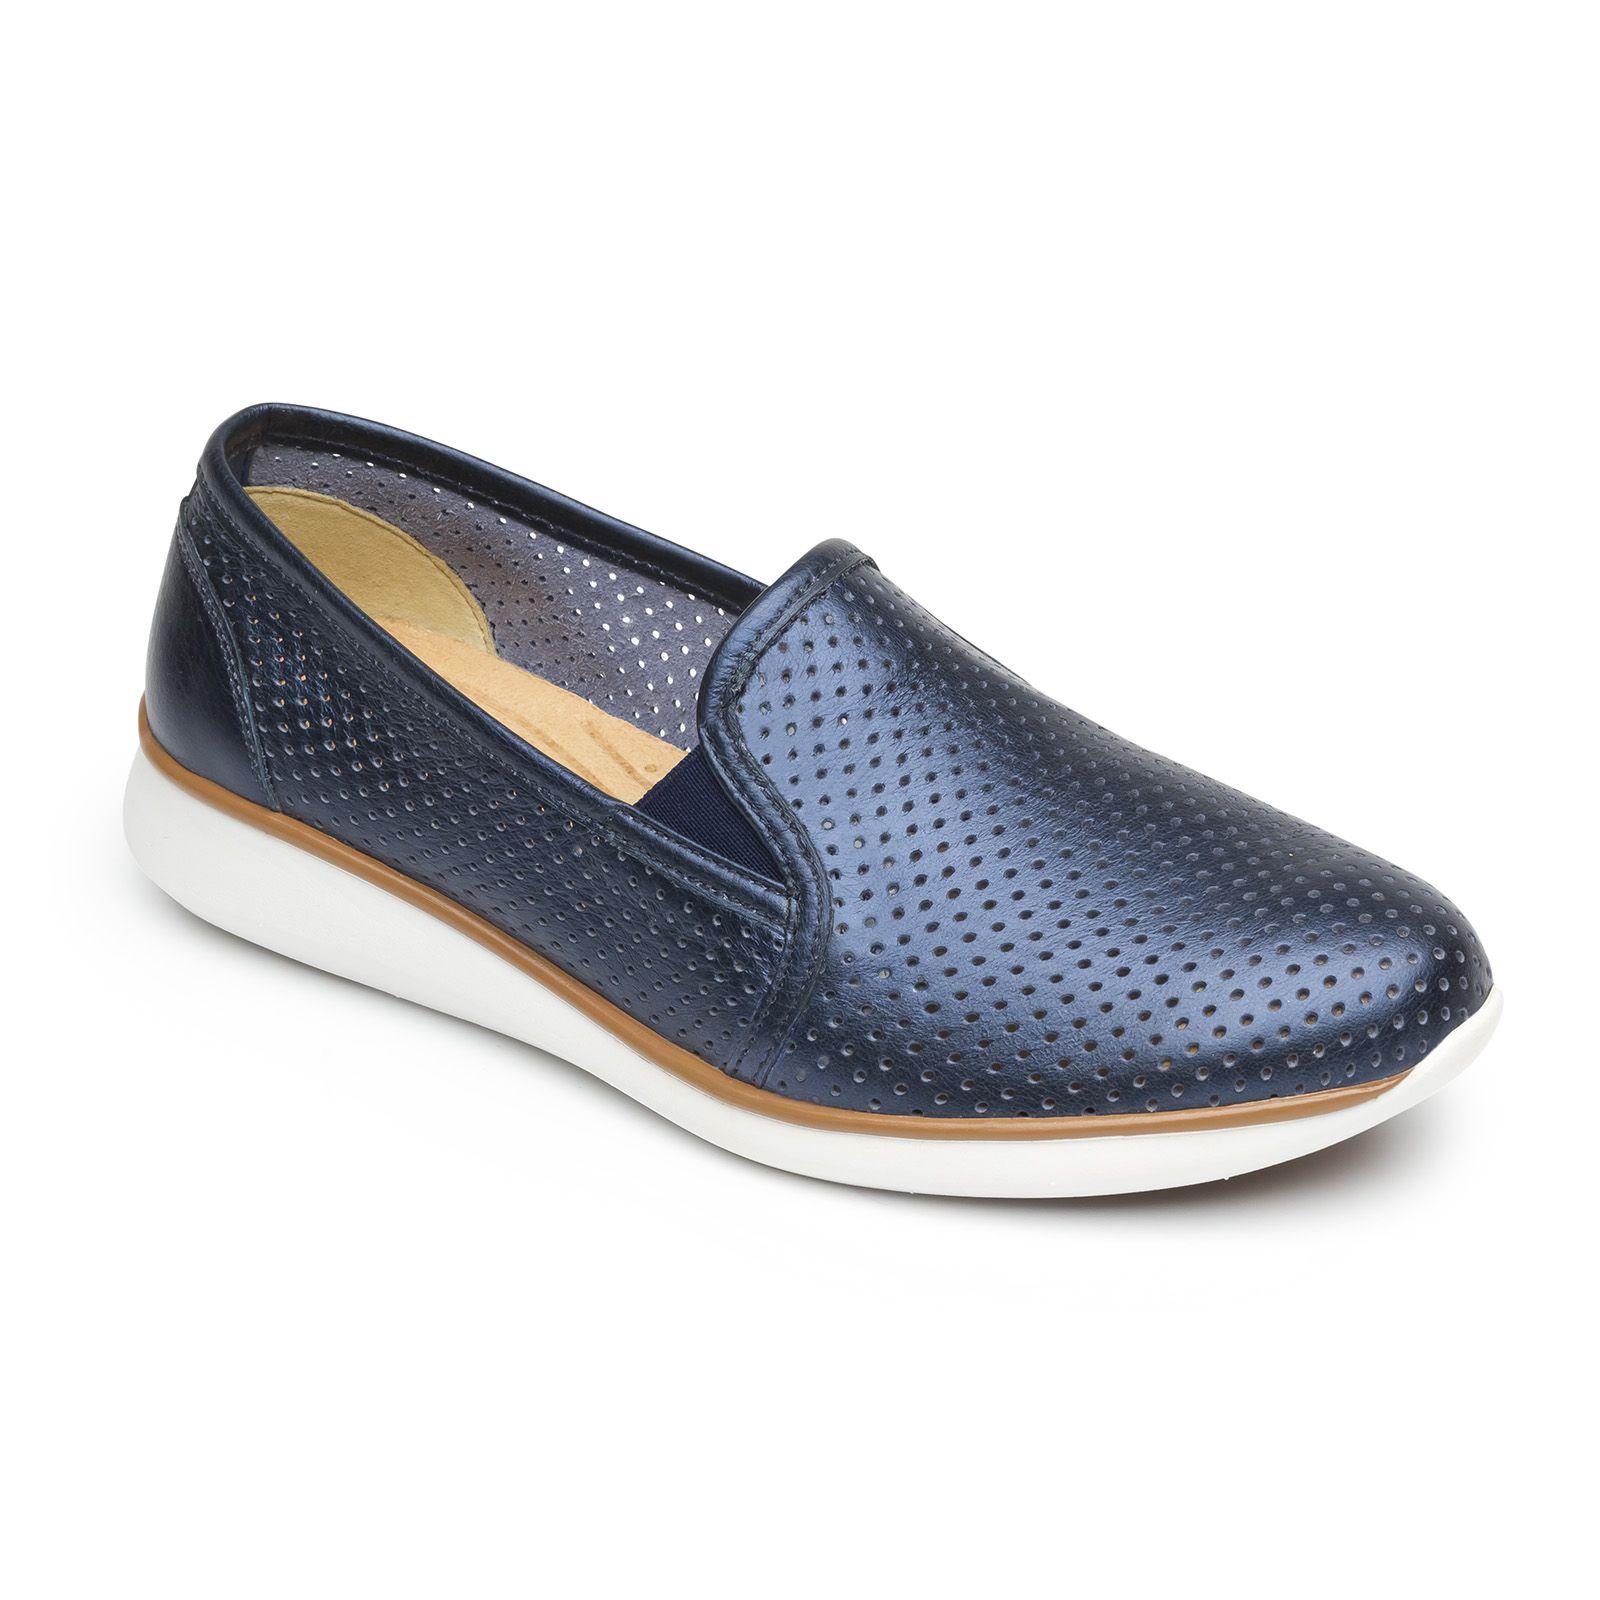 5c7ef13c Sneaker perforado | Zapatos | Zapatos dorados, Zapatos nude y Zapatos planos